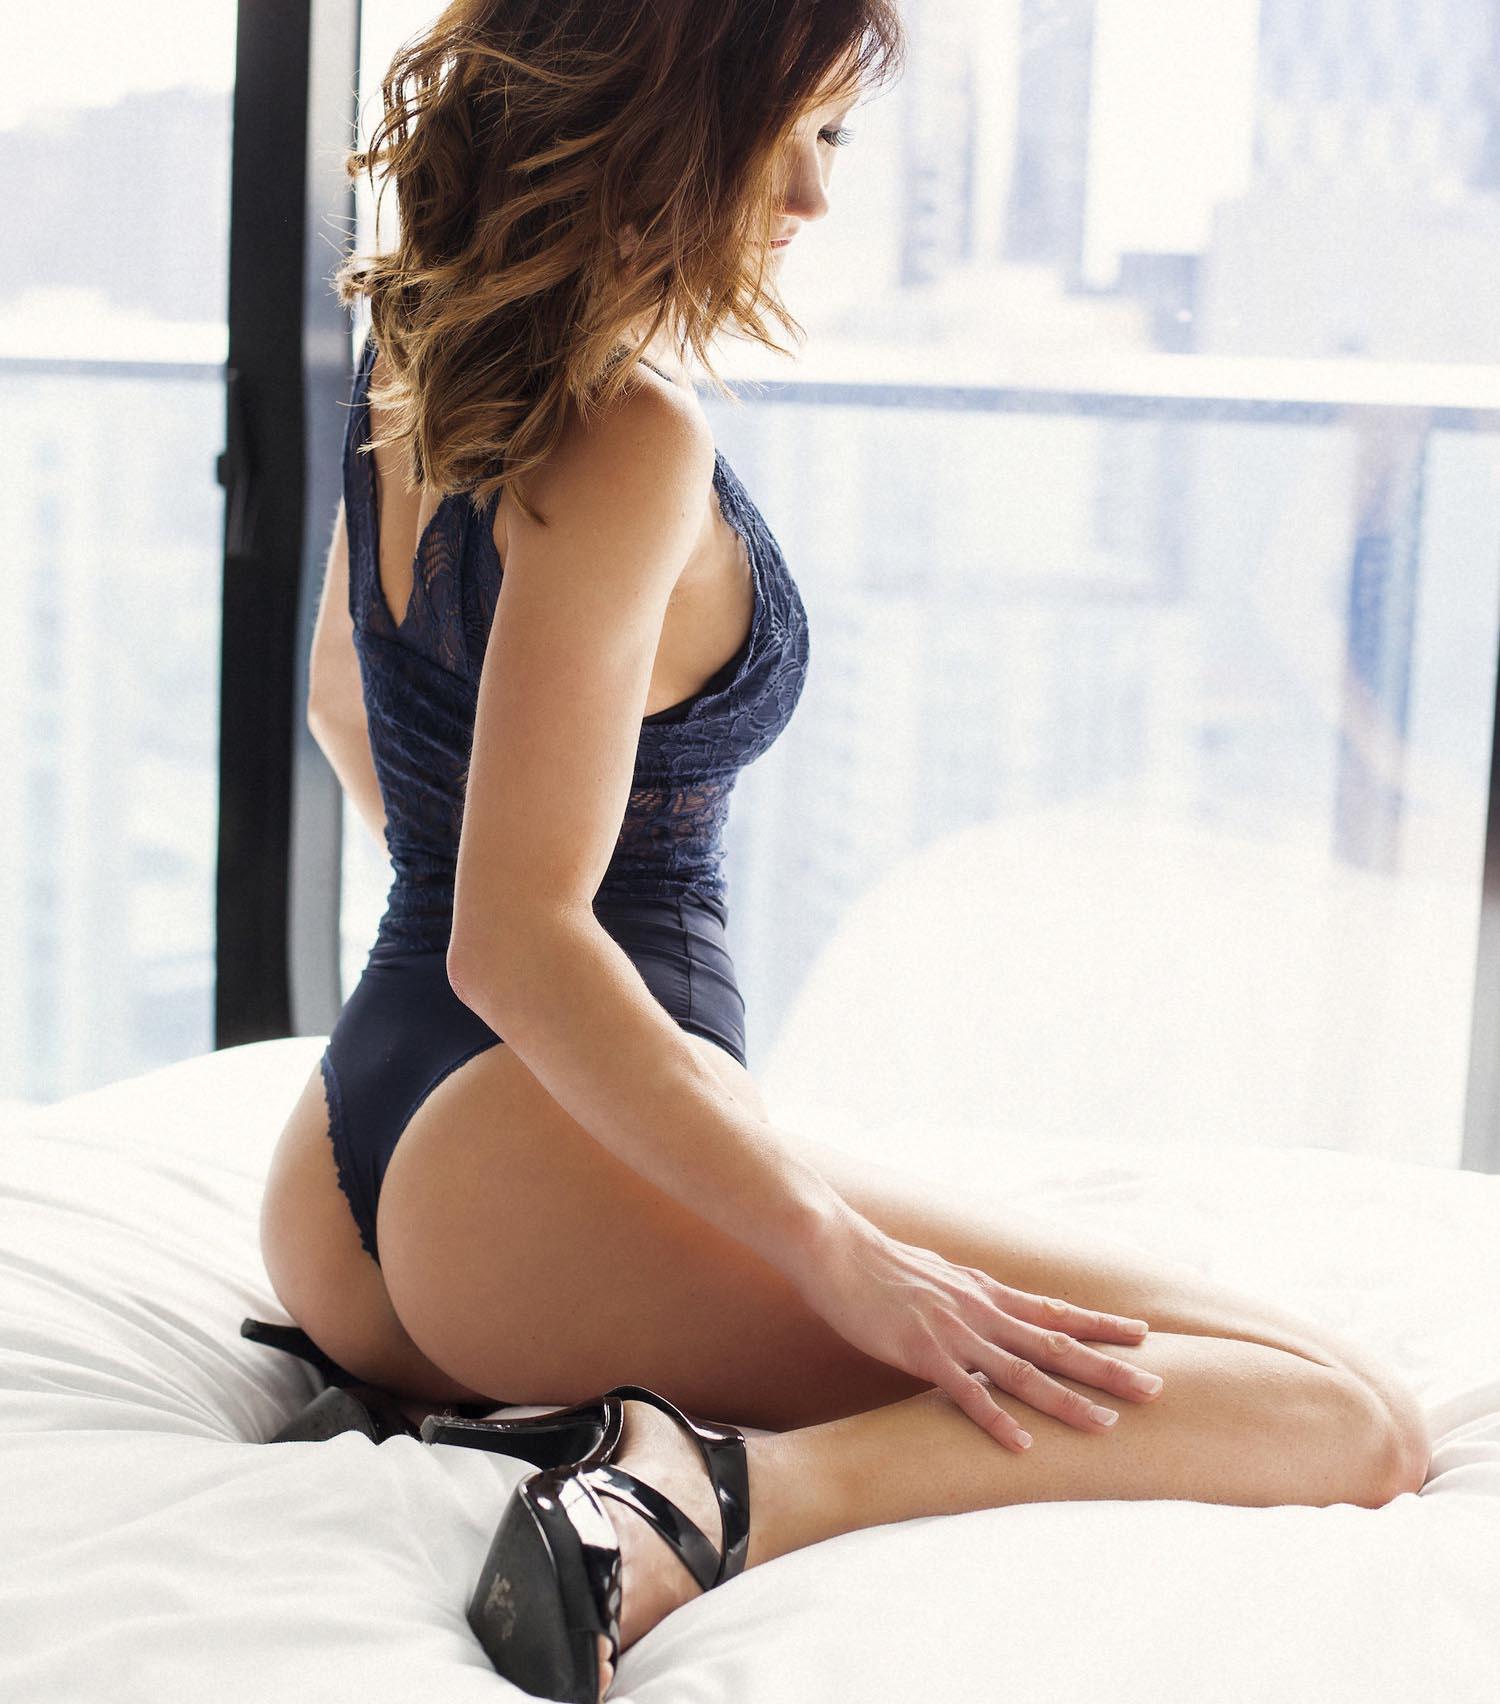 Emmy_Eden_Private_Escort_Sexy_Bodysuit_06.jpg